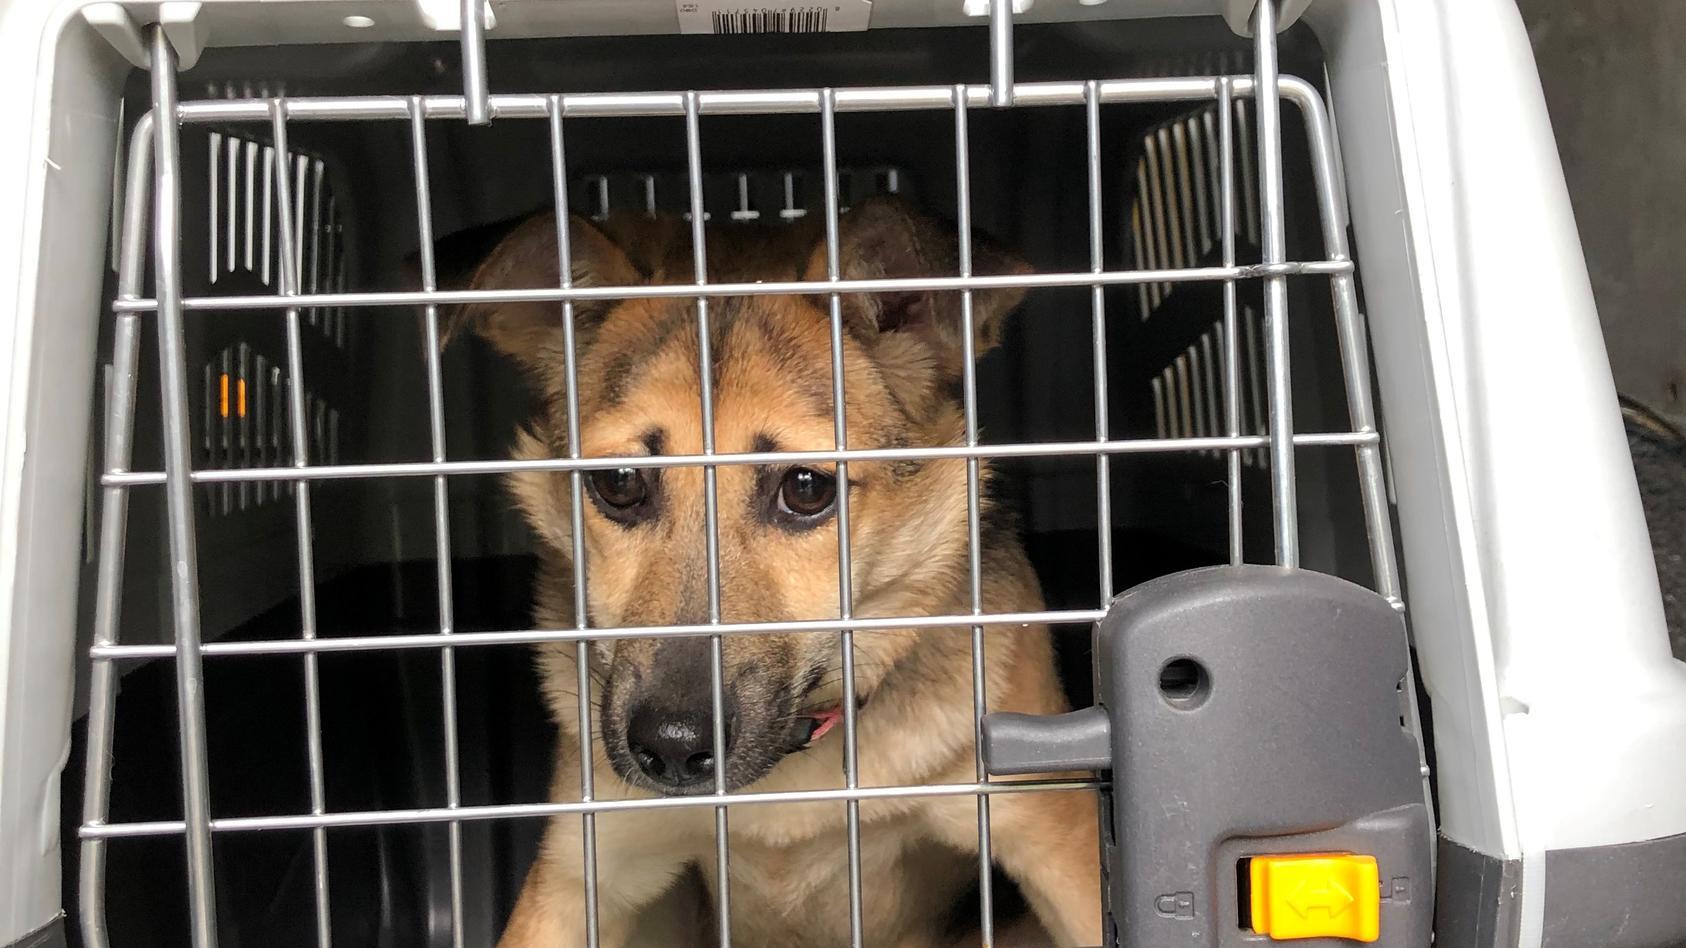 Die Polizei hat in Bremen Hunde aus einem Transporter befreit